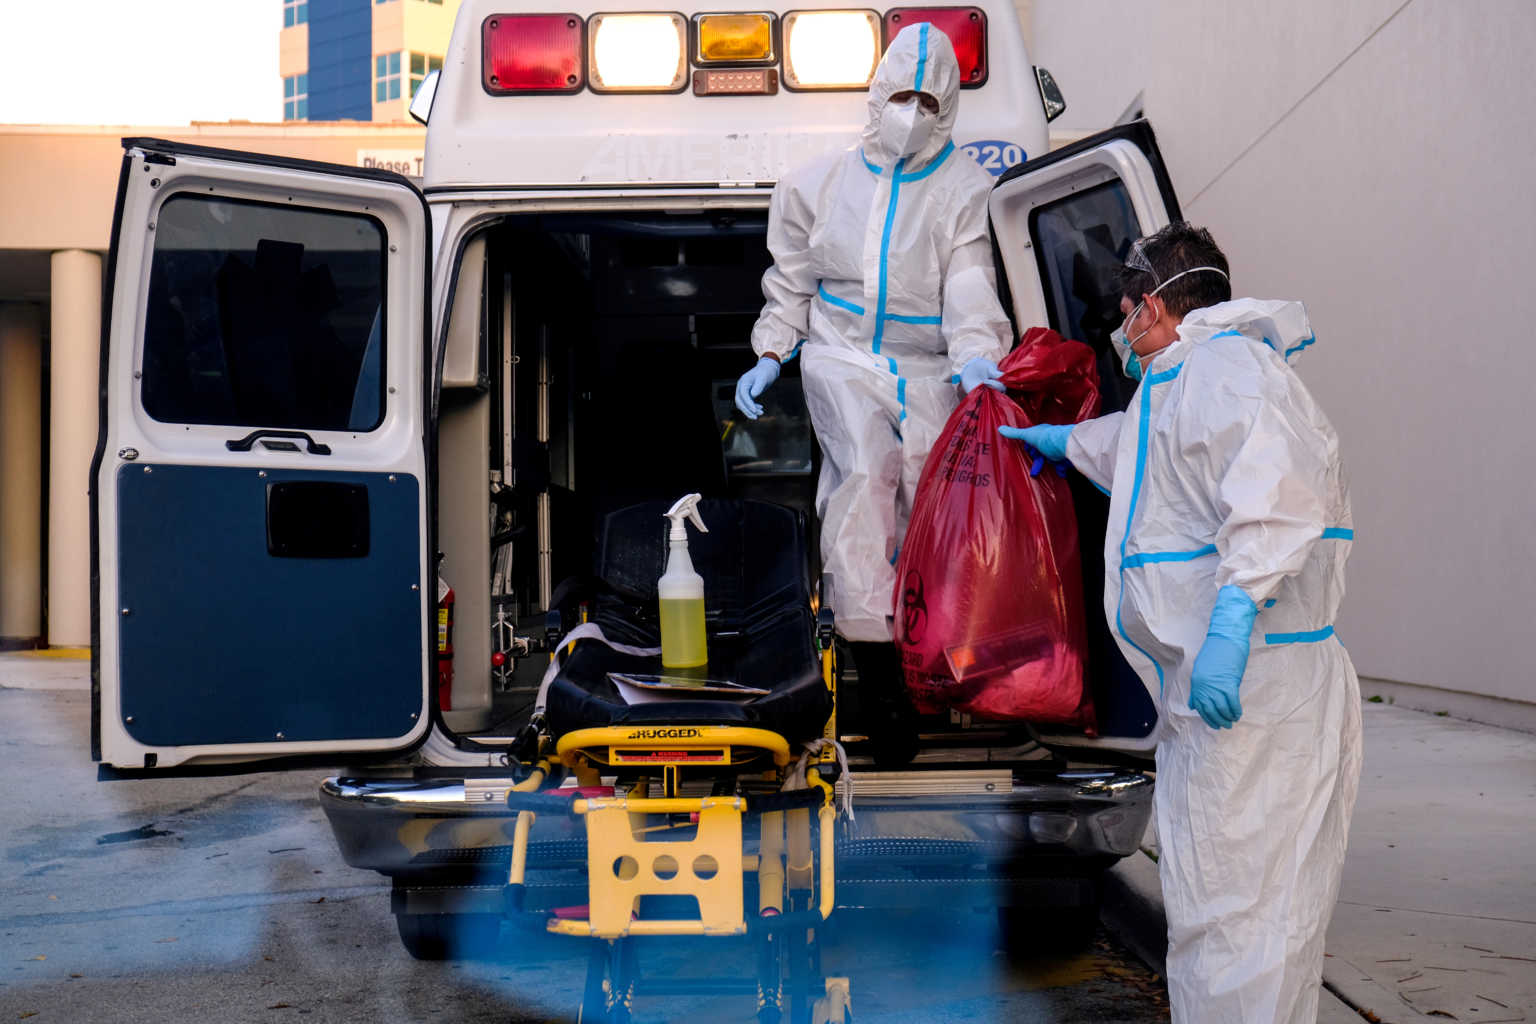 ΗΠΑ: Δεν το χωράει ο νους! 201.961 κρούσματα κορονοϊού και 1.500 θάνατοι το τελευταίο 24ωρο